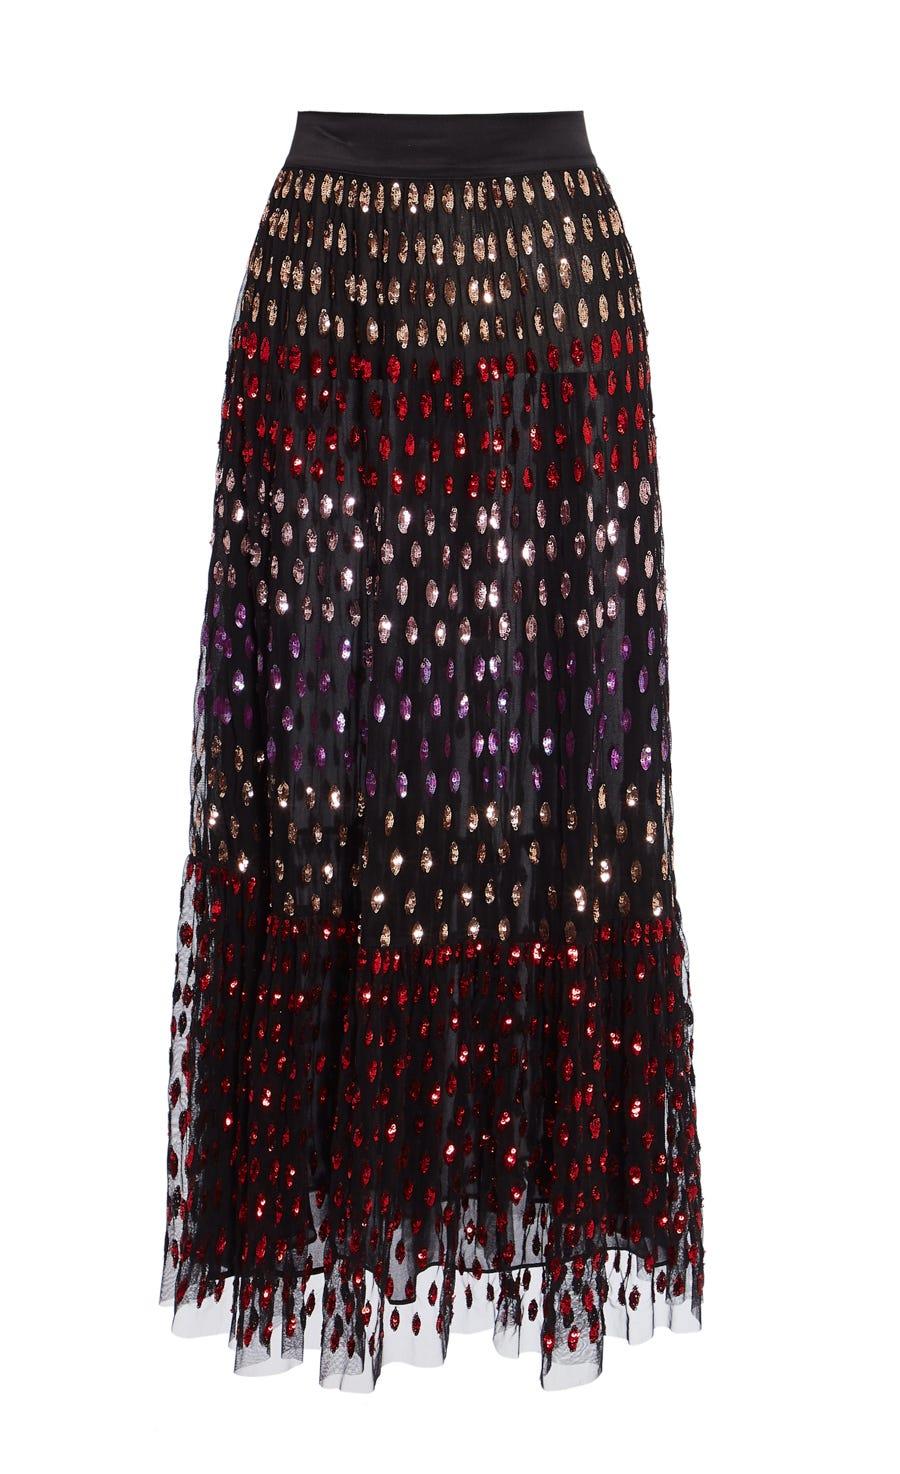 Wendy Sequin Skirt